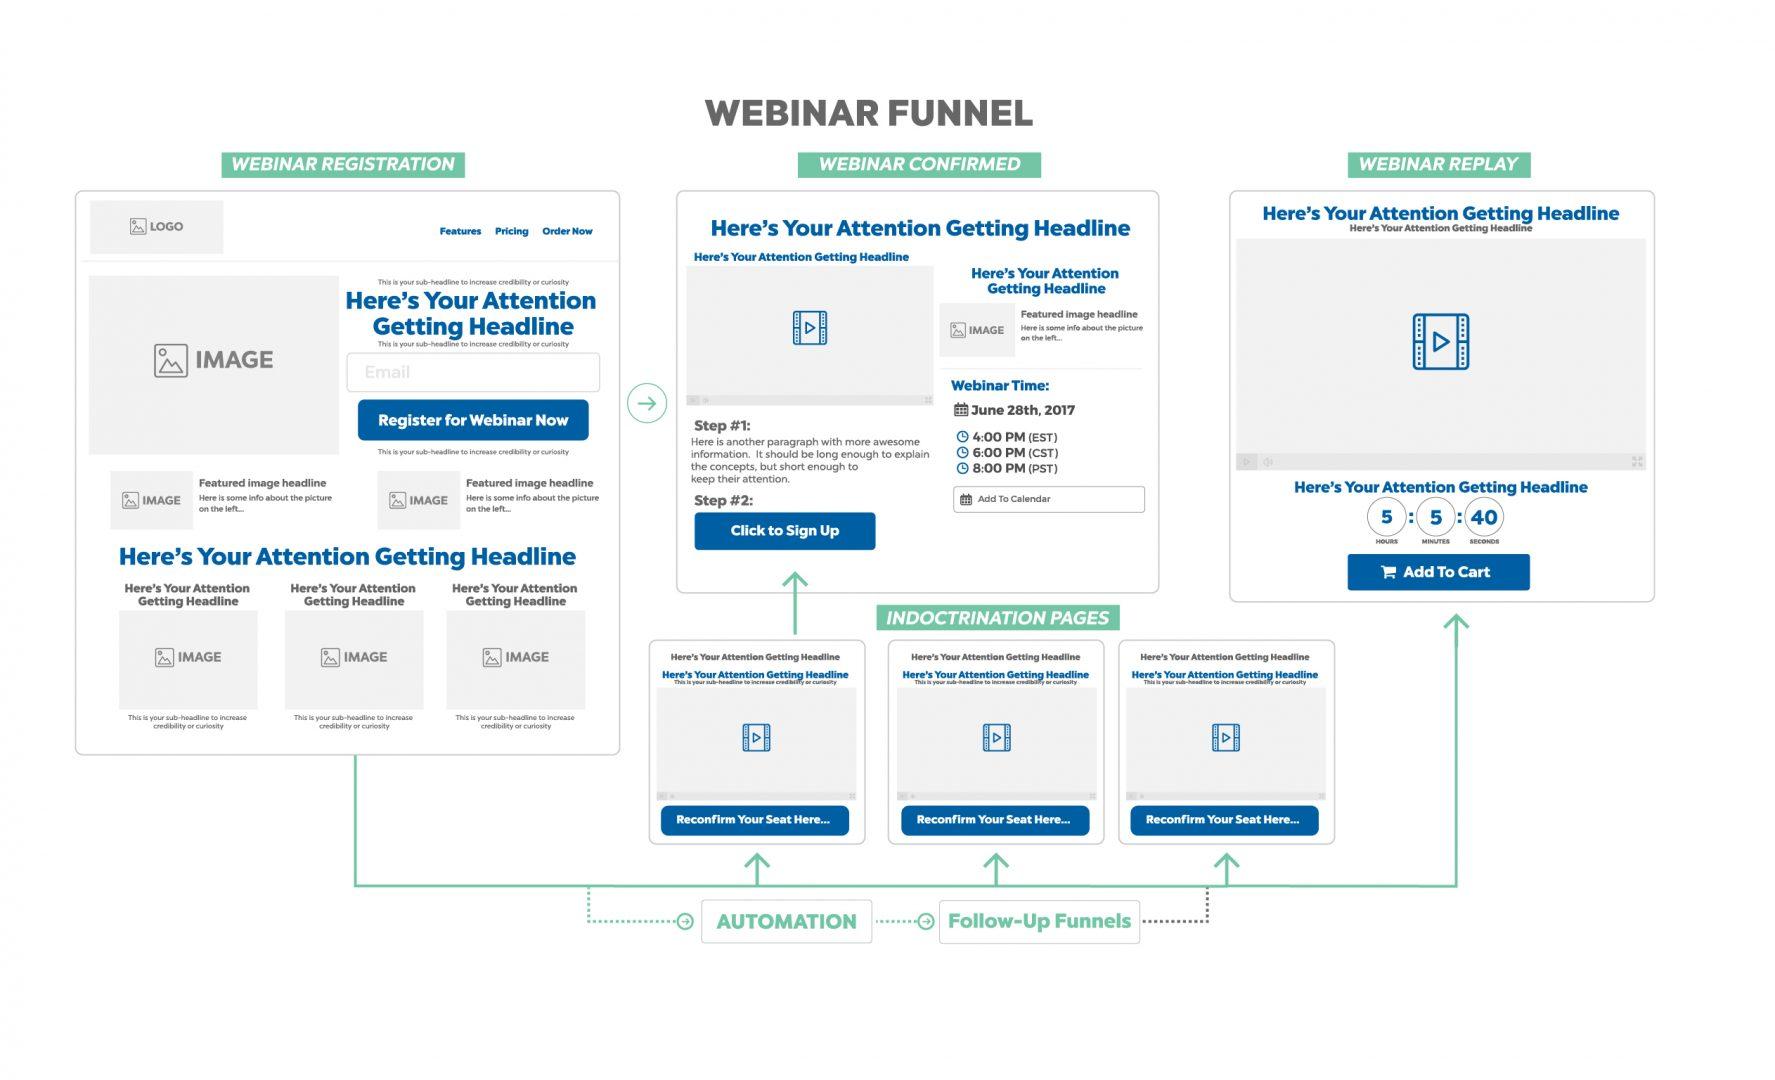 webinar funnel map - sales funnel template